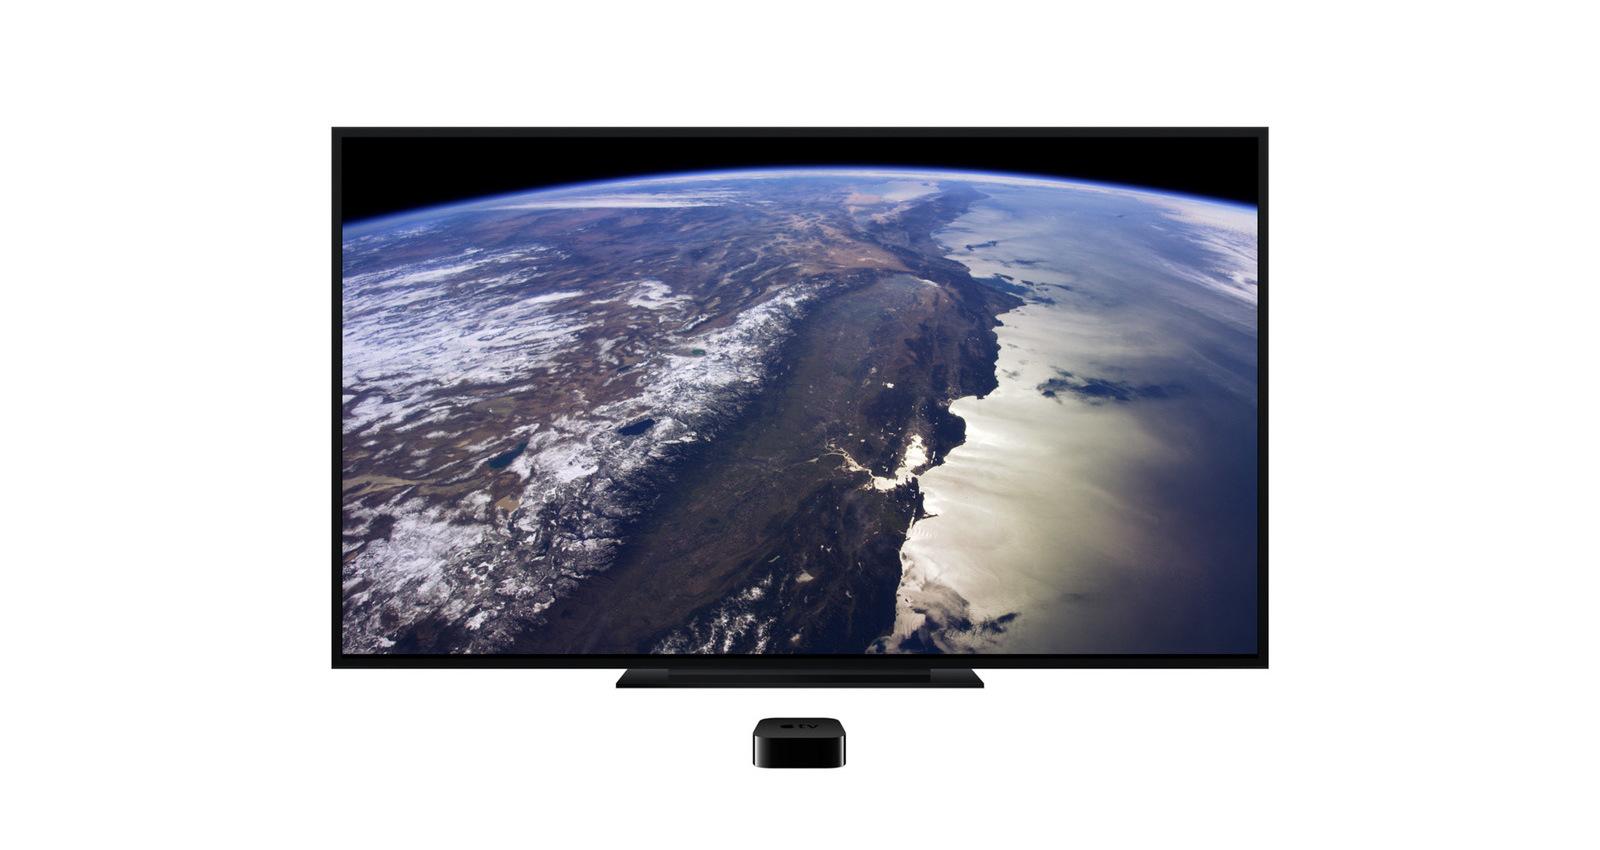 Apple TV Aerials